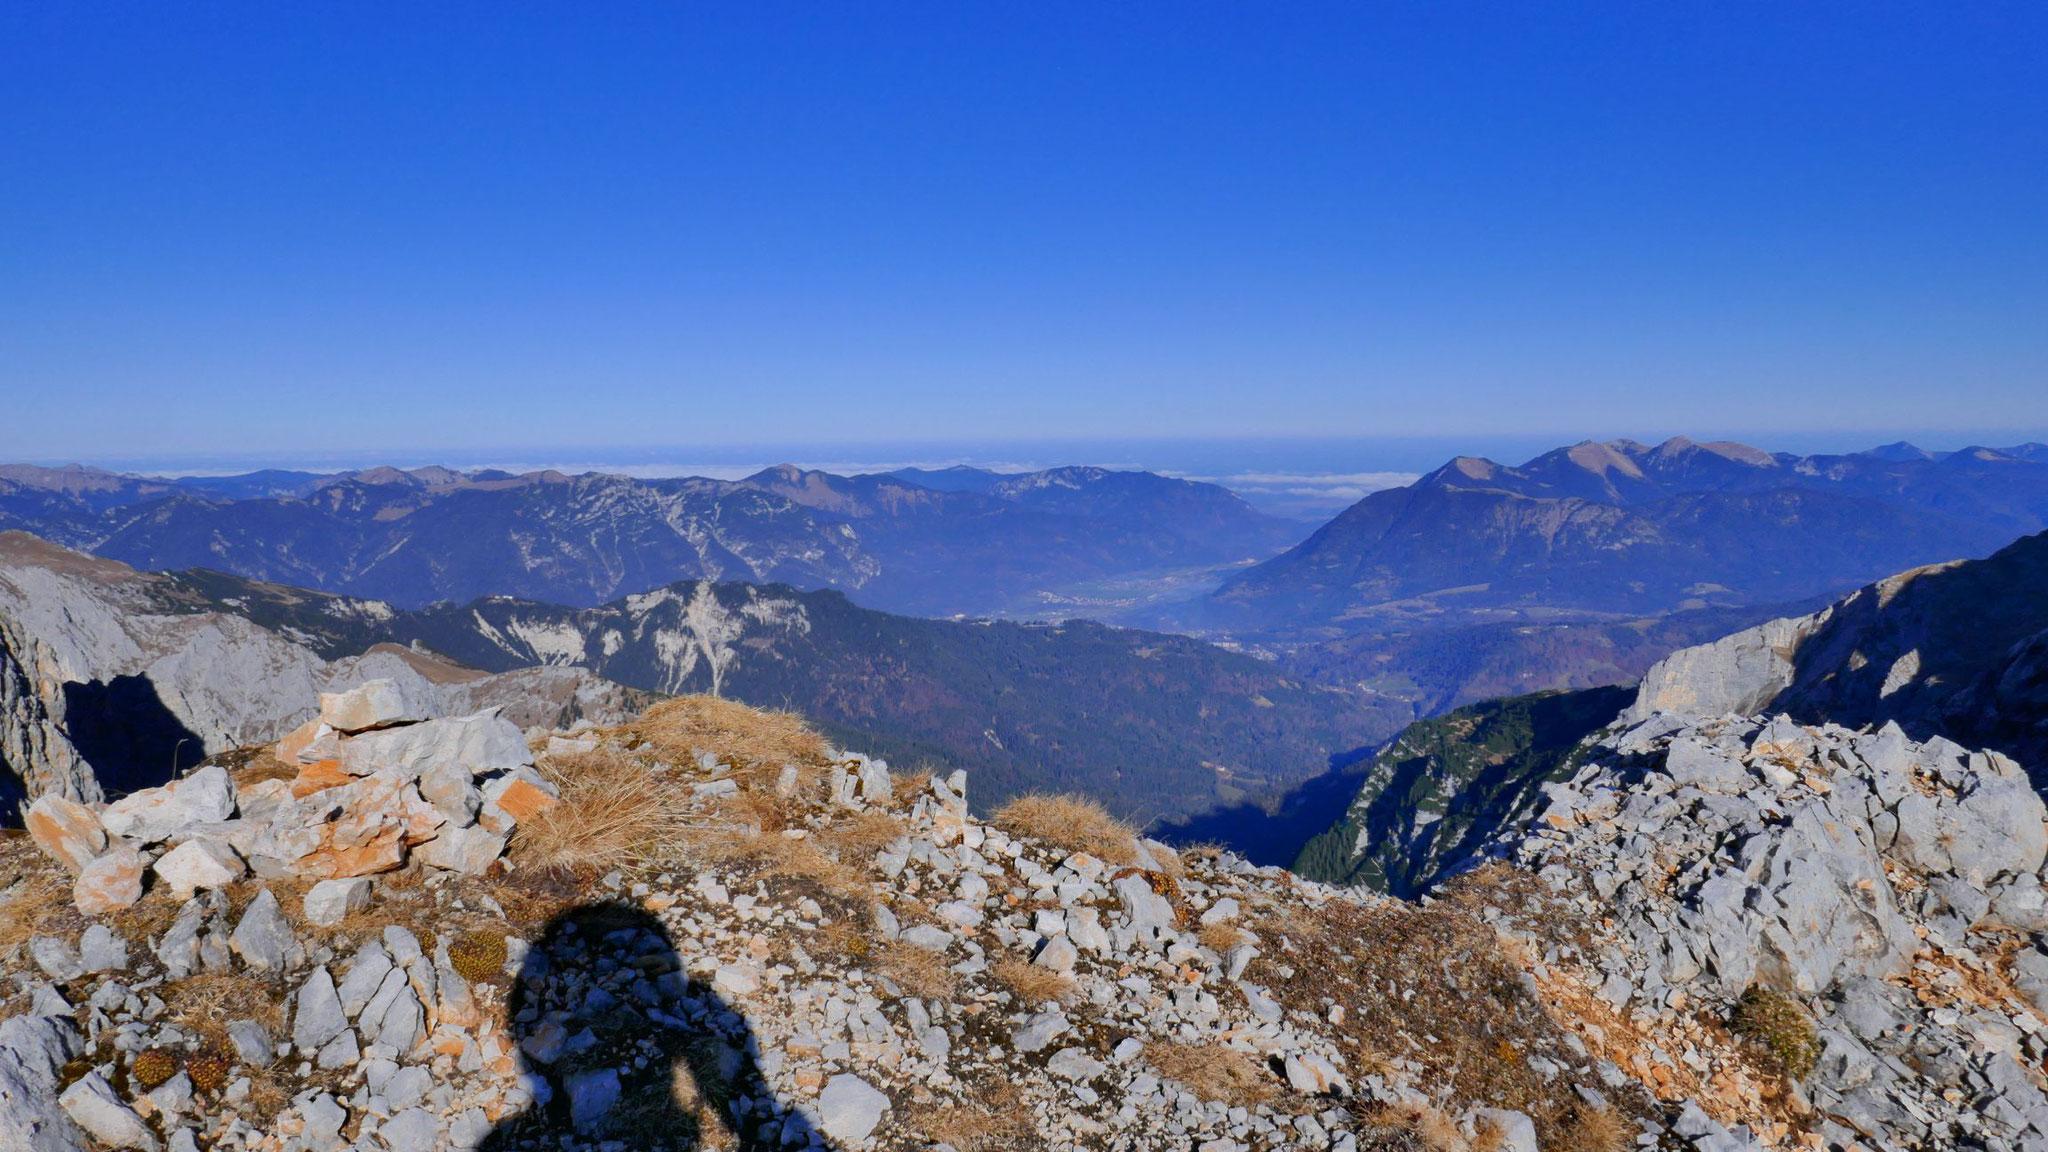 Hinaus nach Garmisch, Ammergauer Alpen und Estergebirge